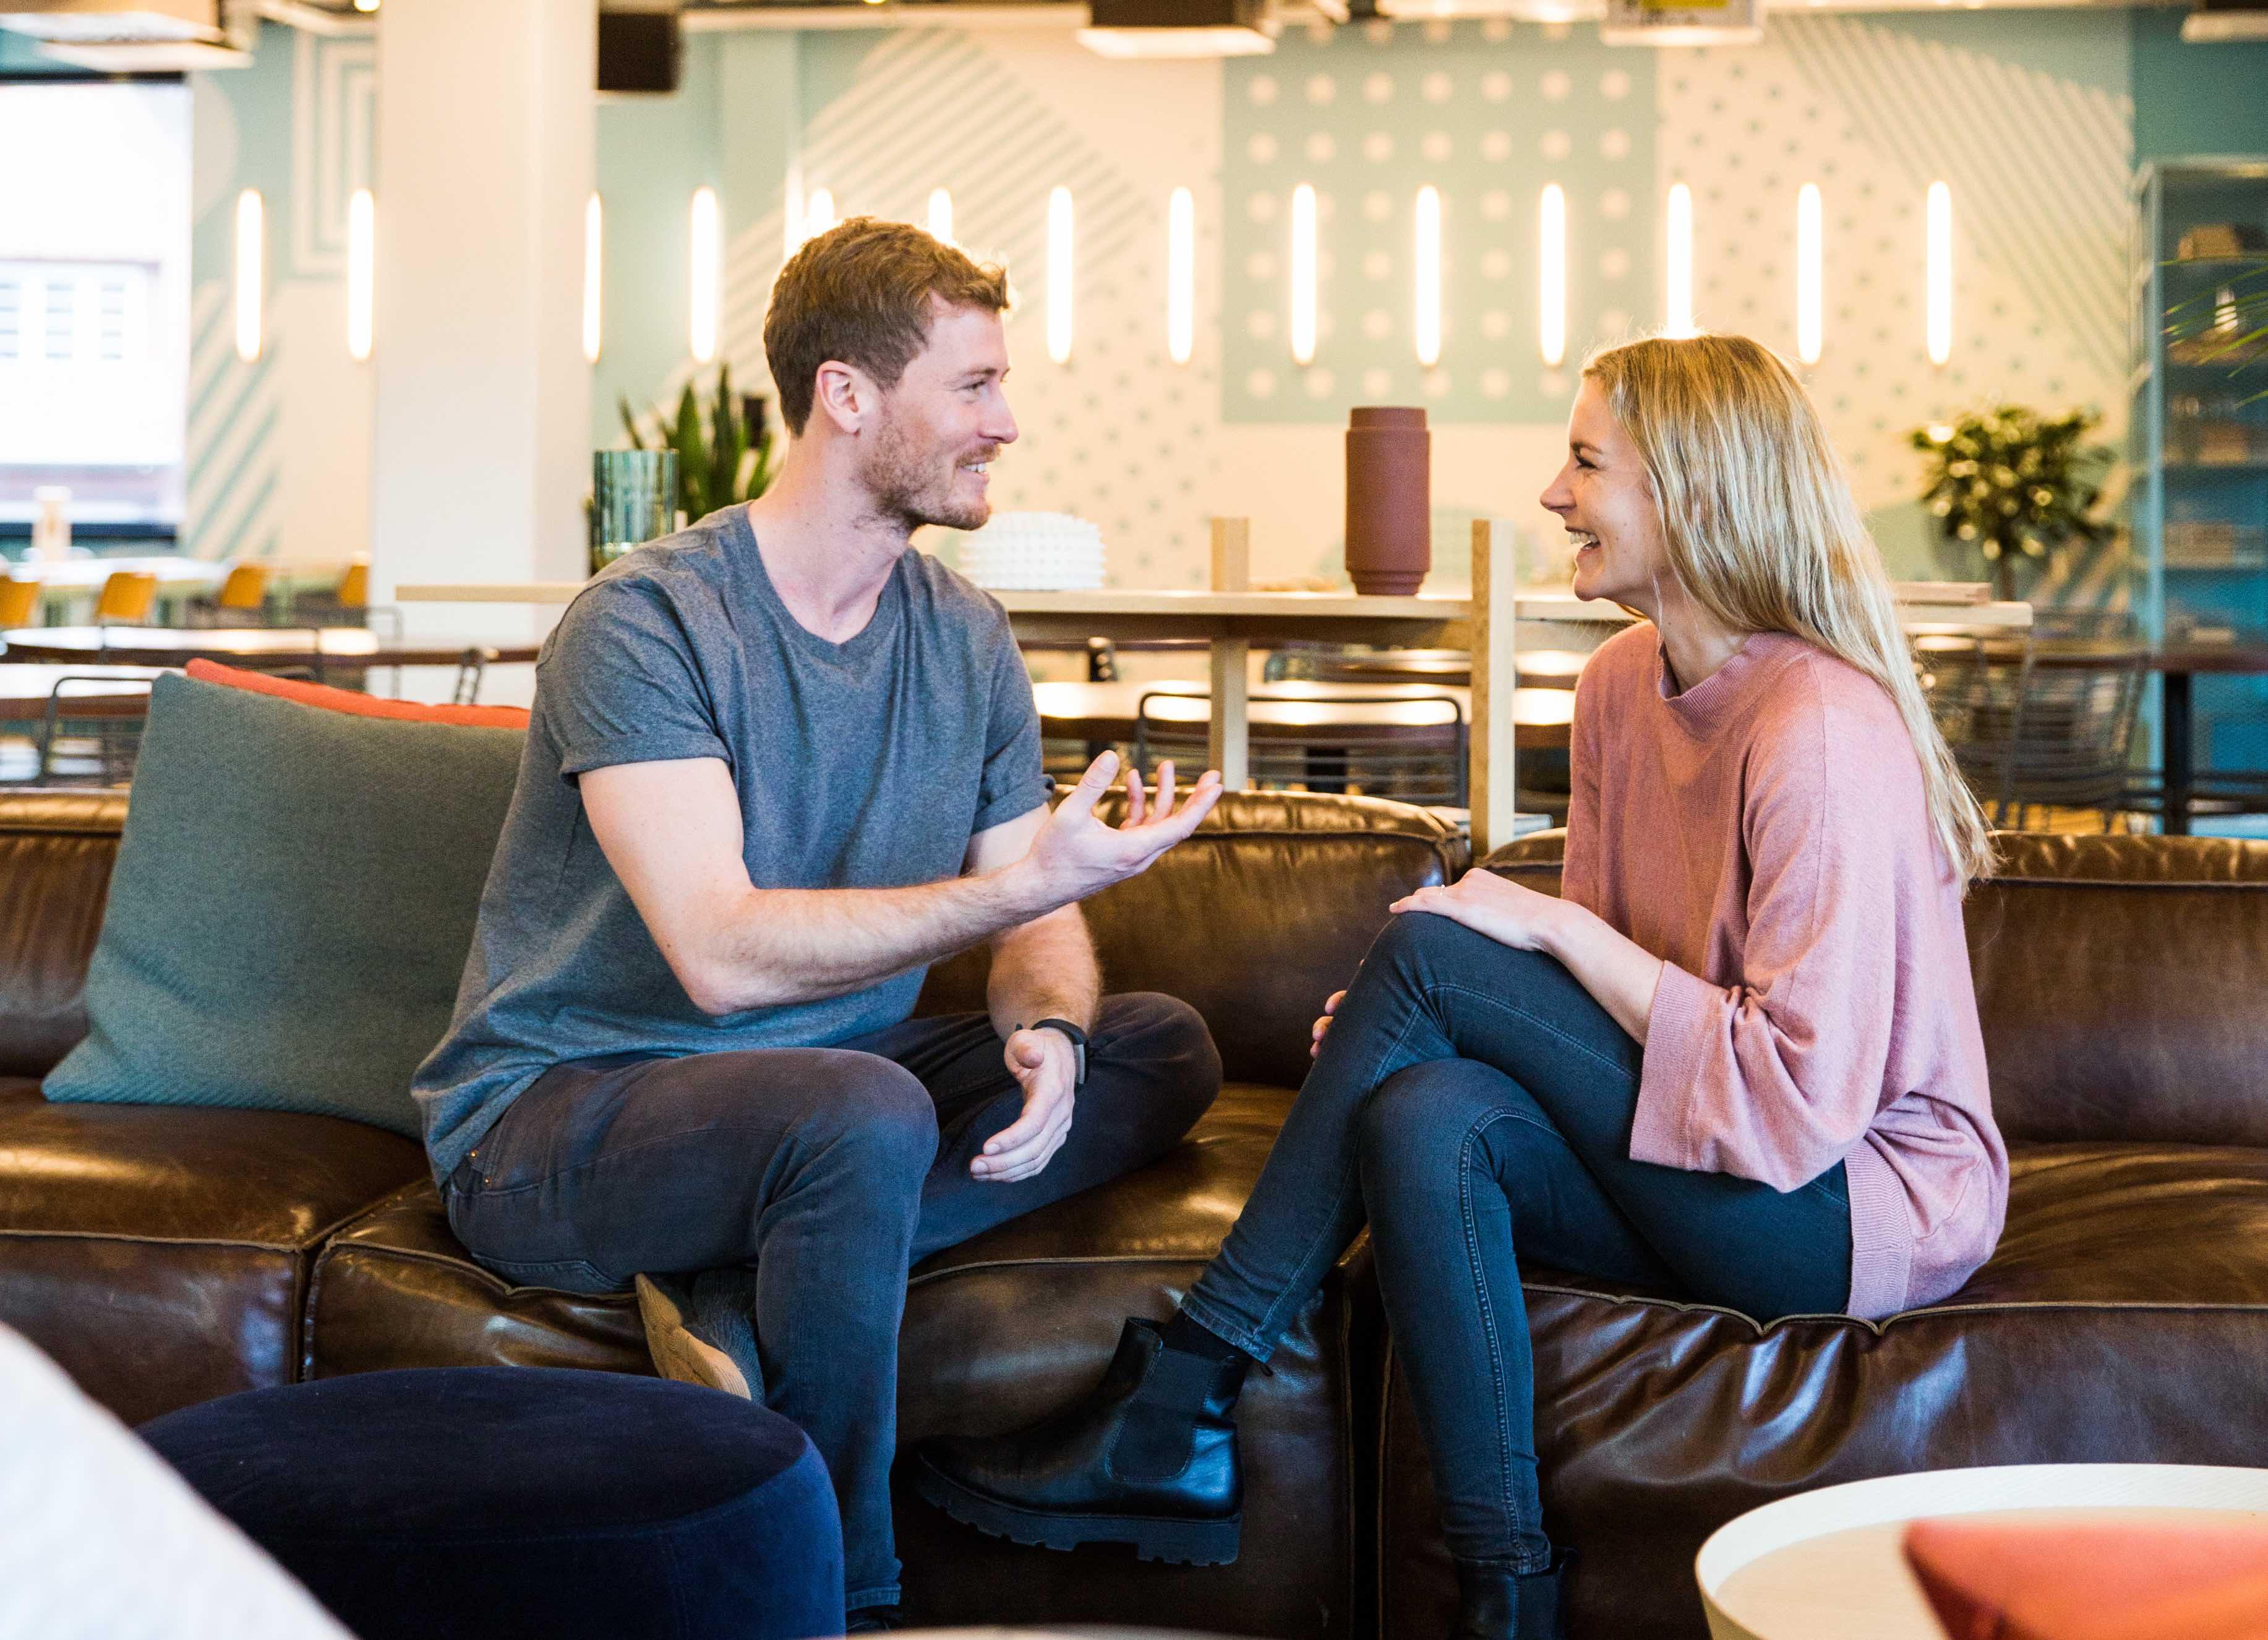 Findeling und Fairling Betreiber der Internetplattformen Katharina Walter und Florian Schneider stellen das Unternehmen vor.